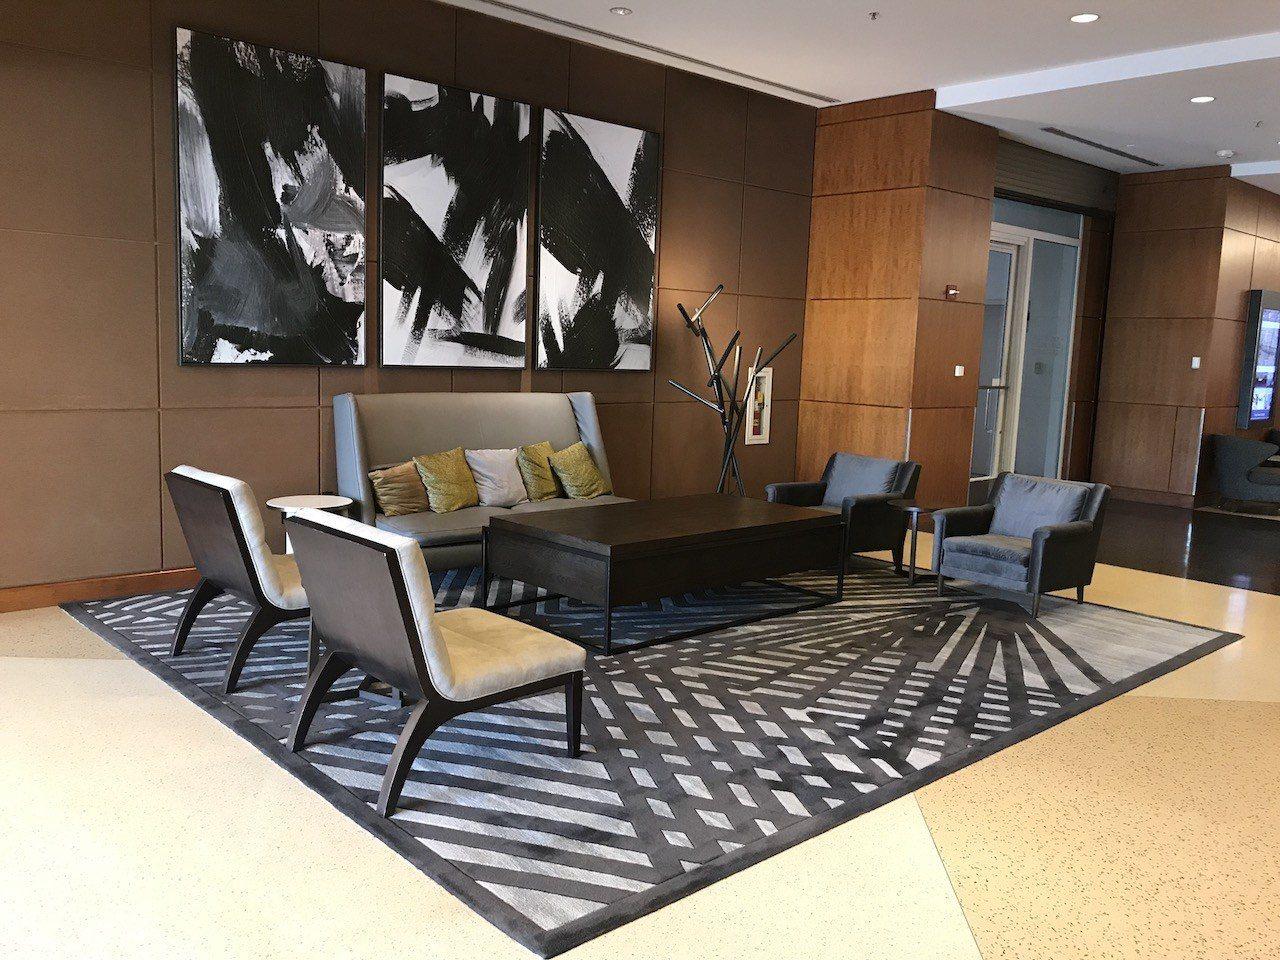 整個大廳有好多這樣區塊的休息區,令人感到舒服 圖文來自於:TripPlus